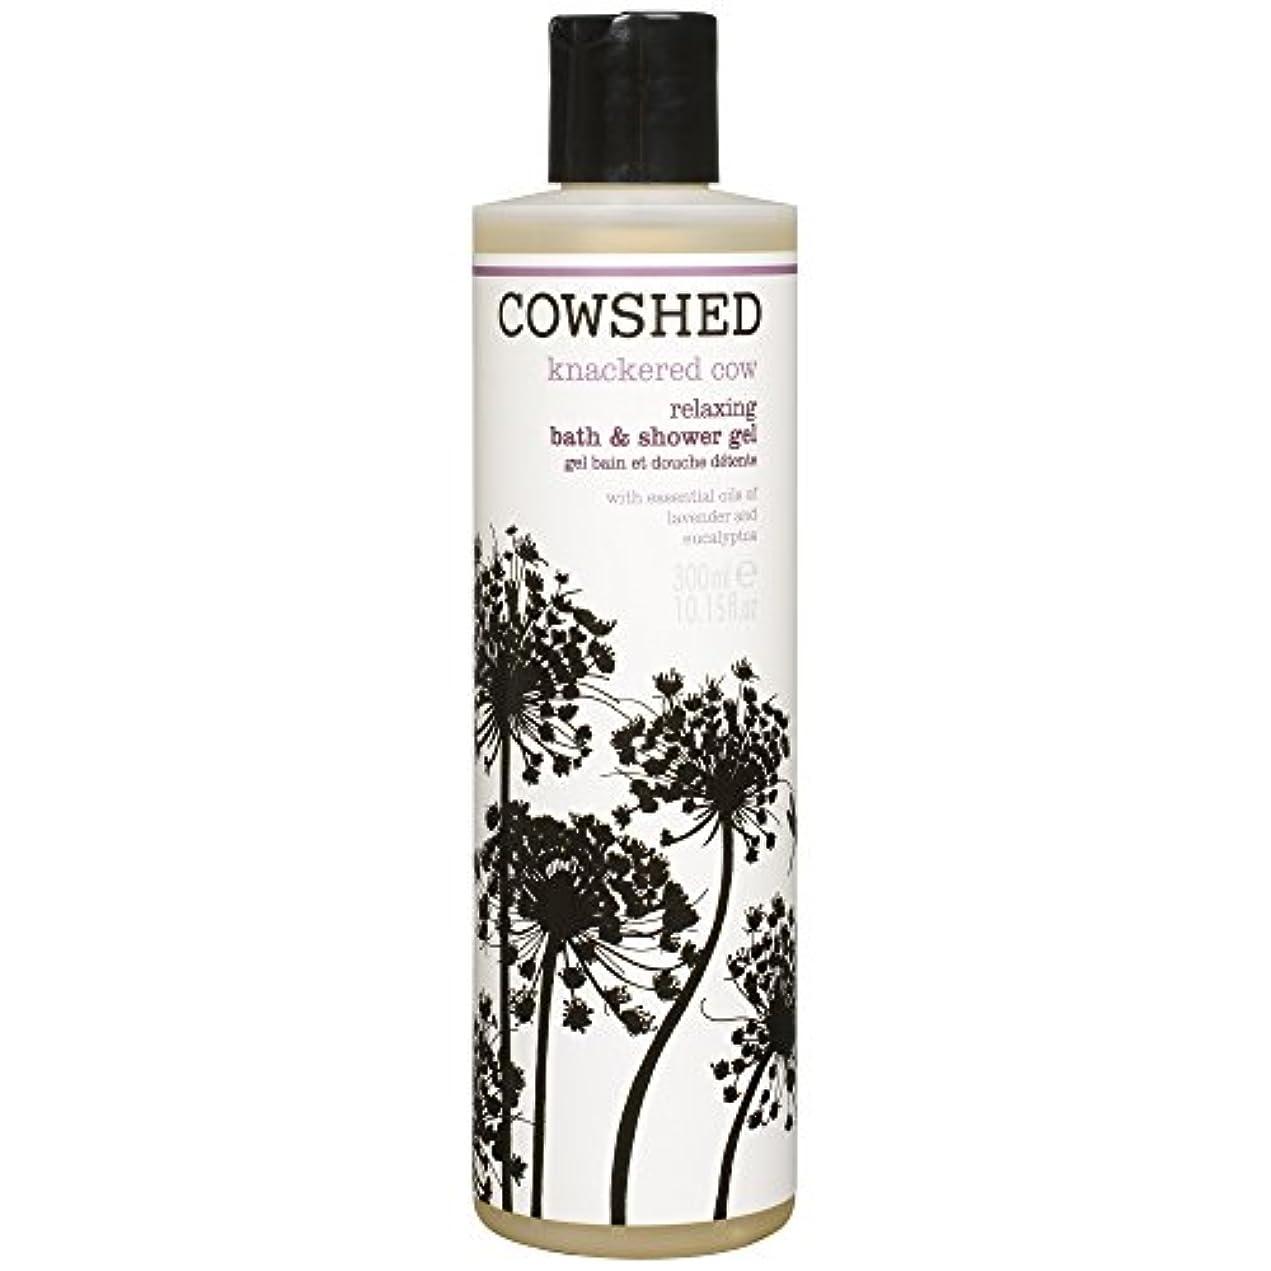 満州あごタヒチ牛舎は、バス&シャワージェル300ミリリットルを緩和牛をくたくたに疲れました (Cowshed) - Cowshed Knackered Cow Relaxing Bath & Shower Gel 300ml [並行輸入品]